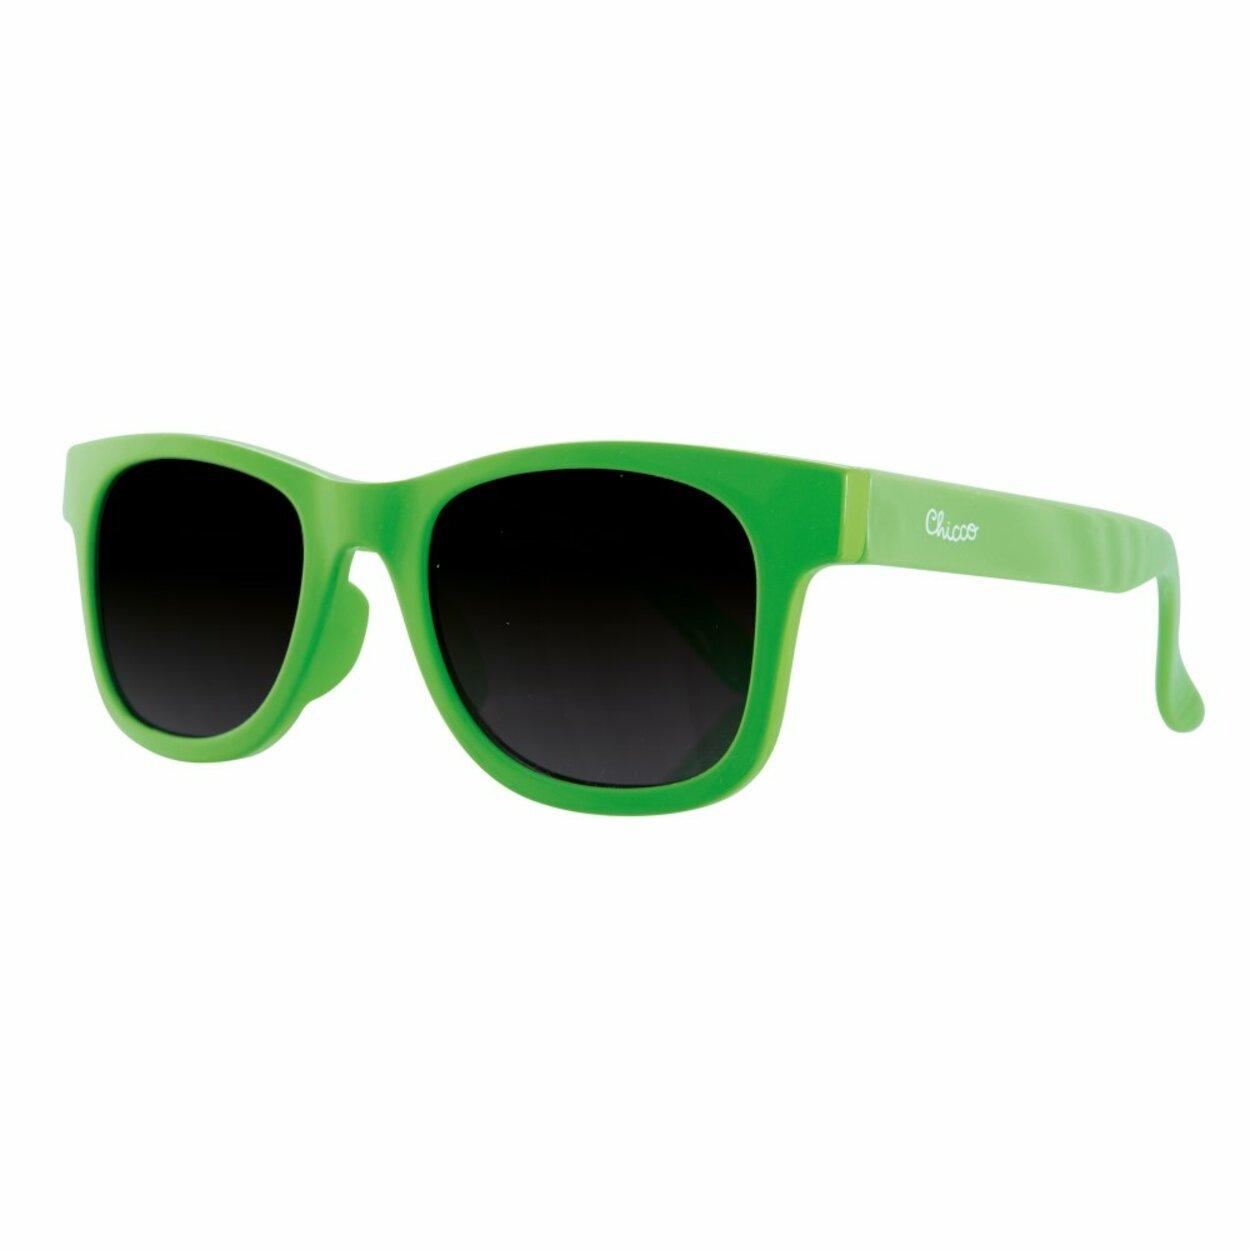 d1a783c4b Okuliare slnečné chlapec zelené 24M+ | Predeti.sk